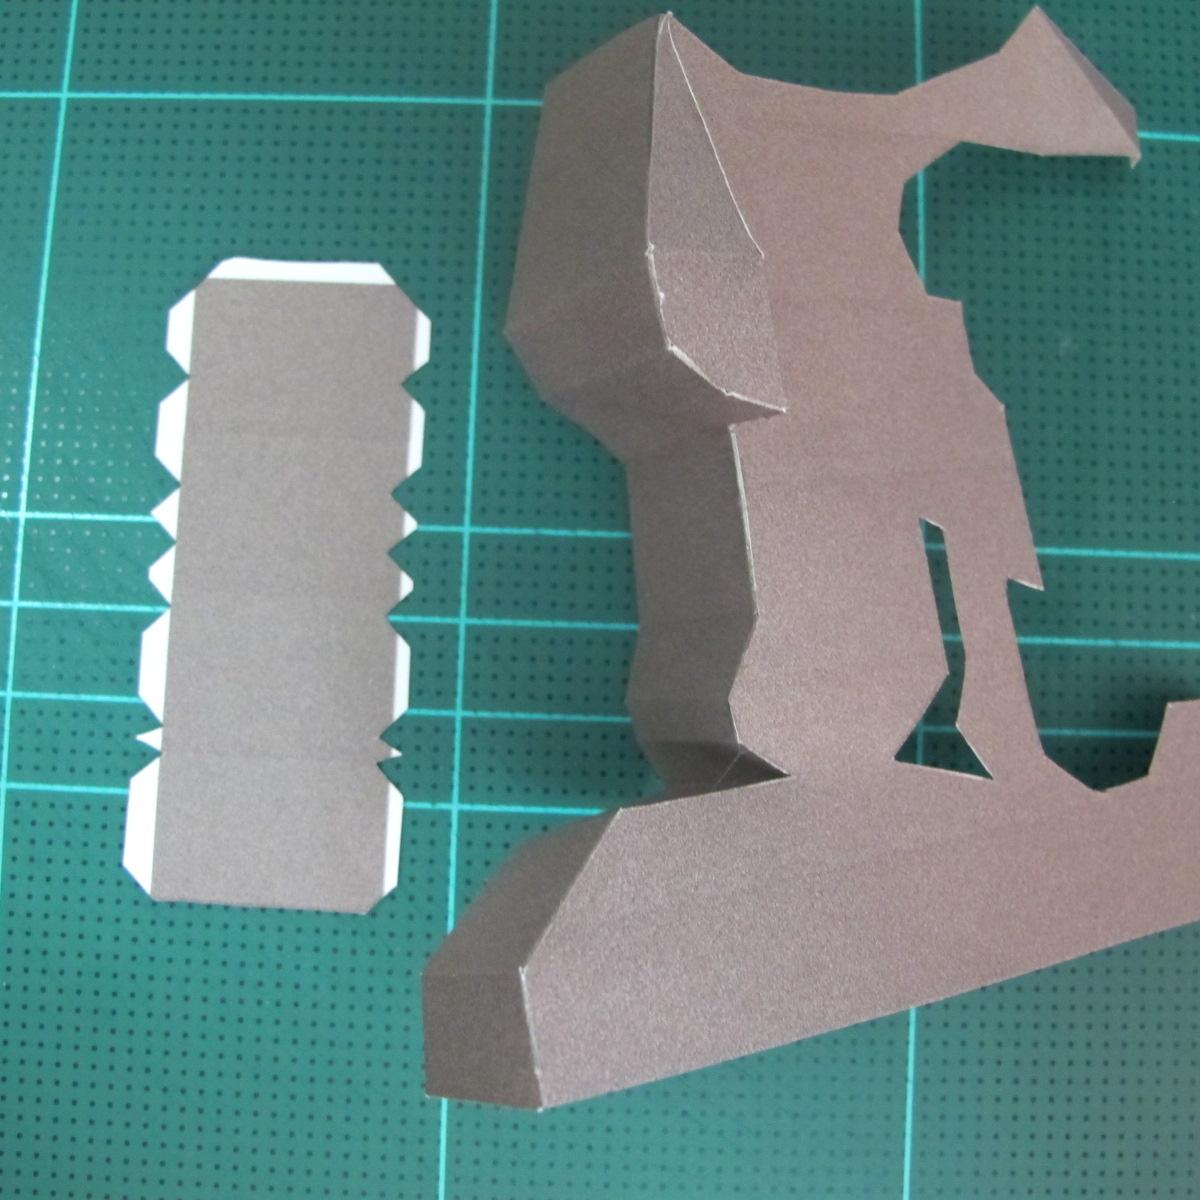 วิธีทำโมเดลกระดาษ ตุ้กตาไลน์ หมีบราวน์ ถือพลั่ว (Line Brown Bear With Shovel Papercraft Model -「シャベル」と「ブラウン」) 007